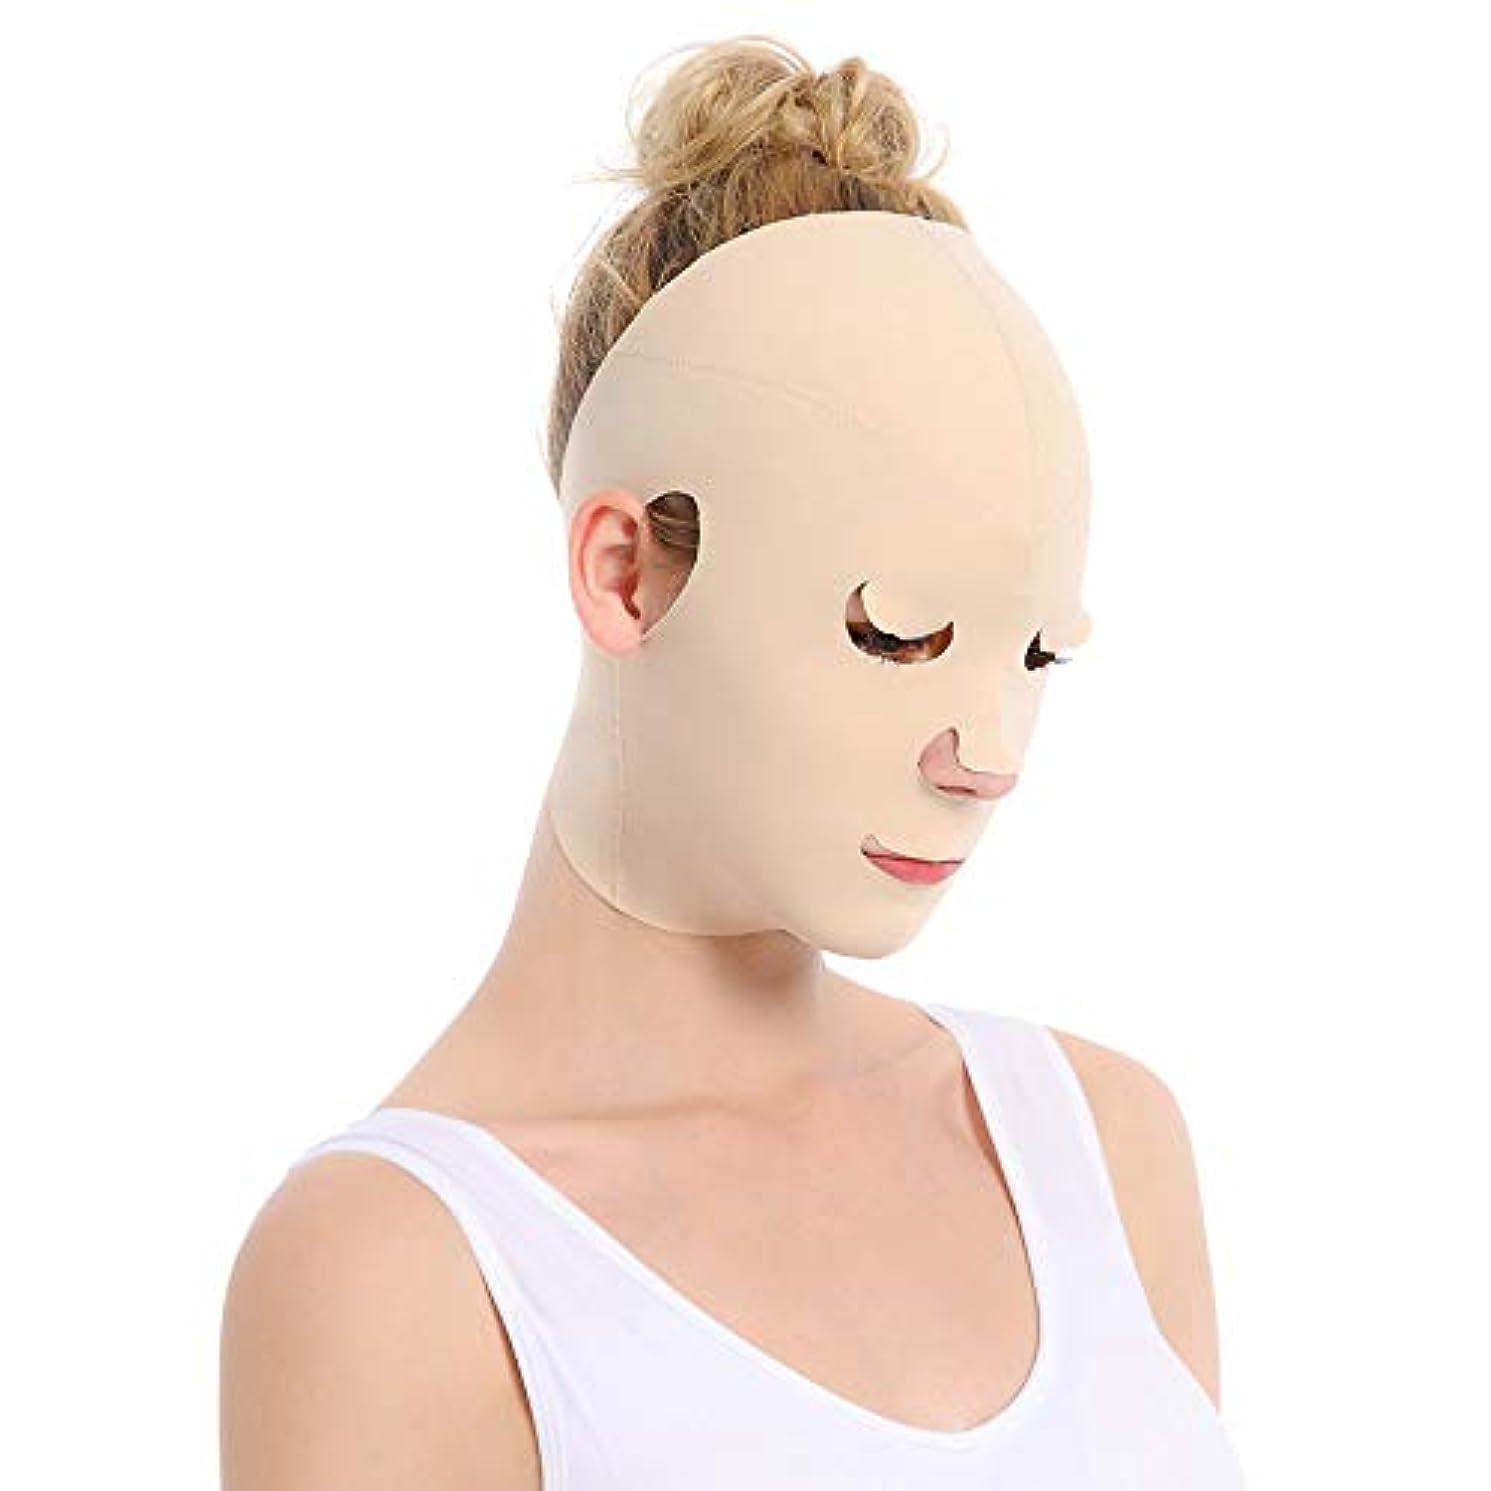 横たわる保存する農村小さな顔ツールv顔包帯薄い顔美容マスク怠惰な睡眠マスク男性と女性のV顔包帯整形引き締め顔薄い二重あご